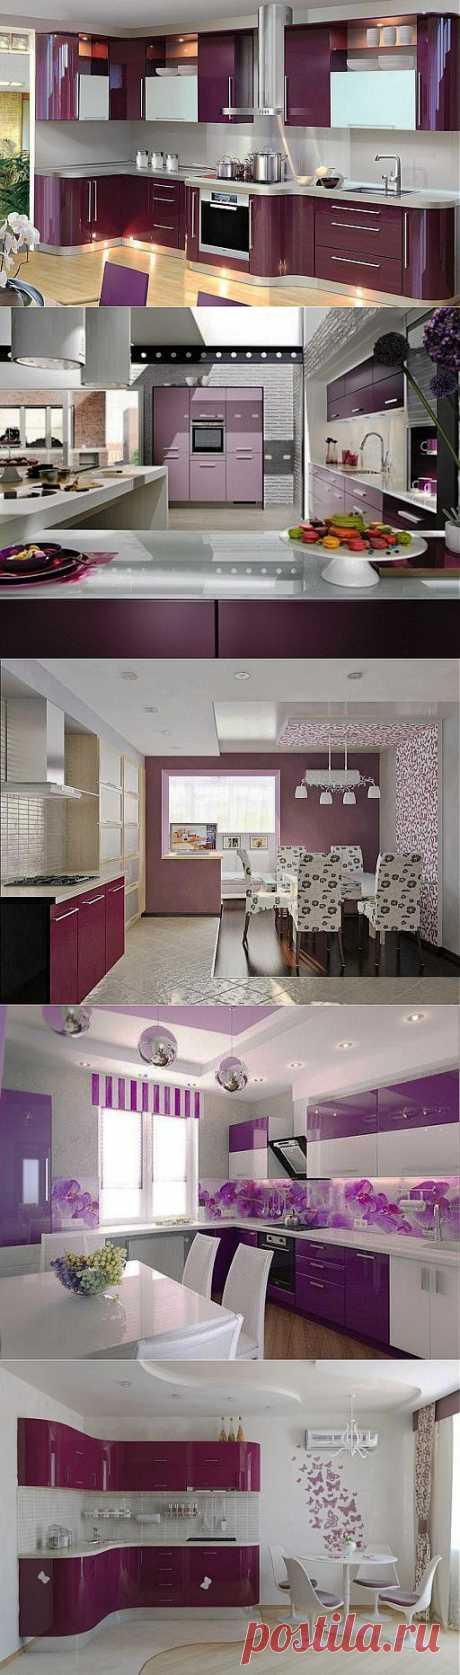 33 лиловых настроения в интерьере фиолетовой и сиреневой кухни | ВСЁ ДЛЯ ДОМА